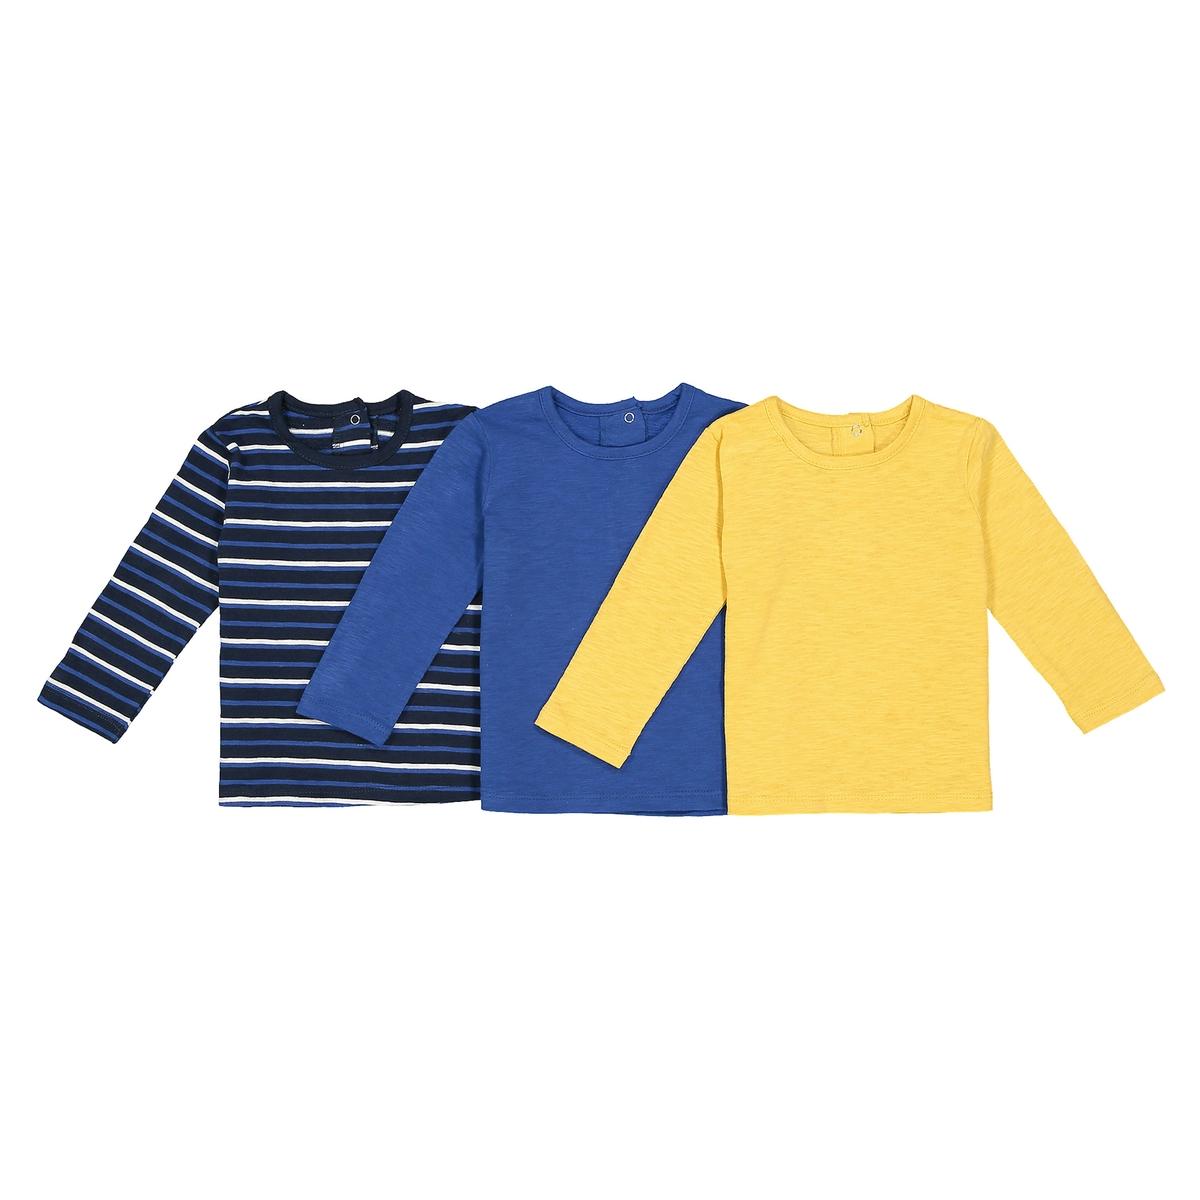 Комплект из 3 футболок с длинными рукавами - 1 мес. - 3 года рисунок 3 лучших самоучителя комплект